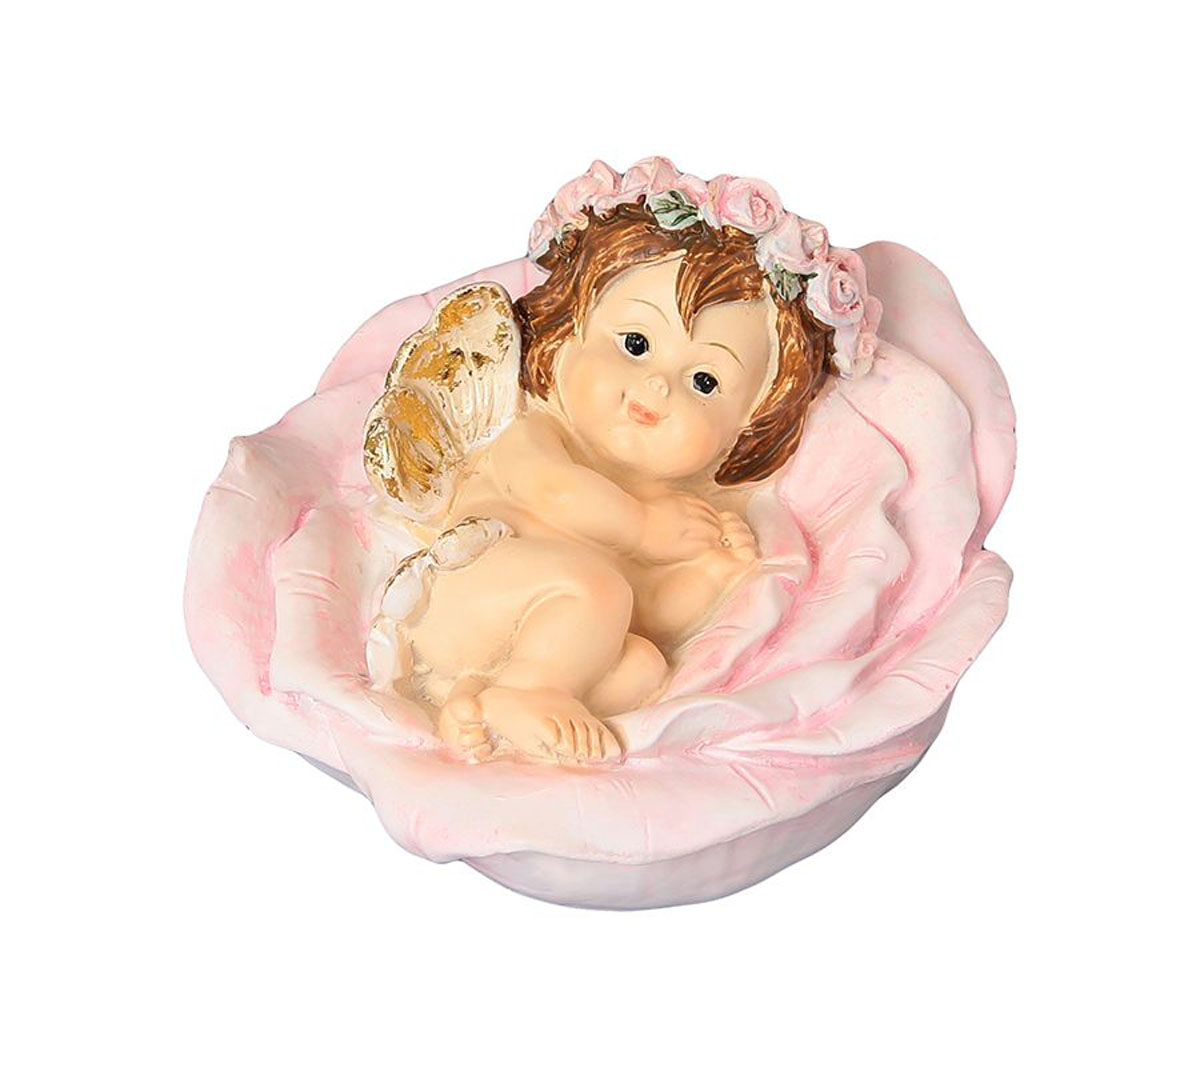 Фигурка декоративная Elan Gallery Ангелочек в цветке, высота 6 см фигурки elan gallery фигурка декоративная ангелочек в цветке